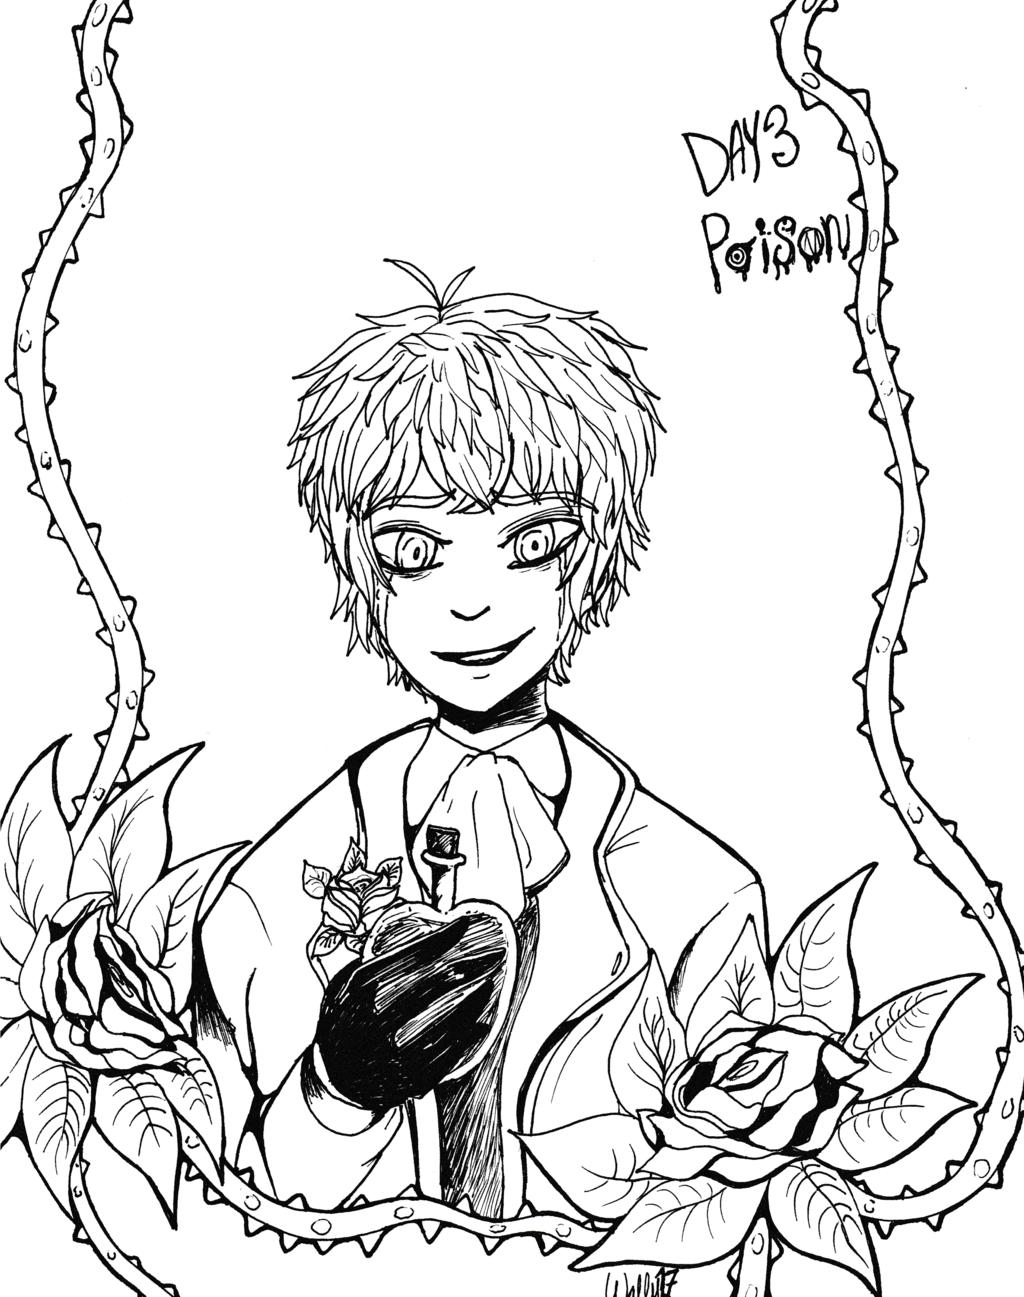 Inktober17 Day 3: Poison